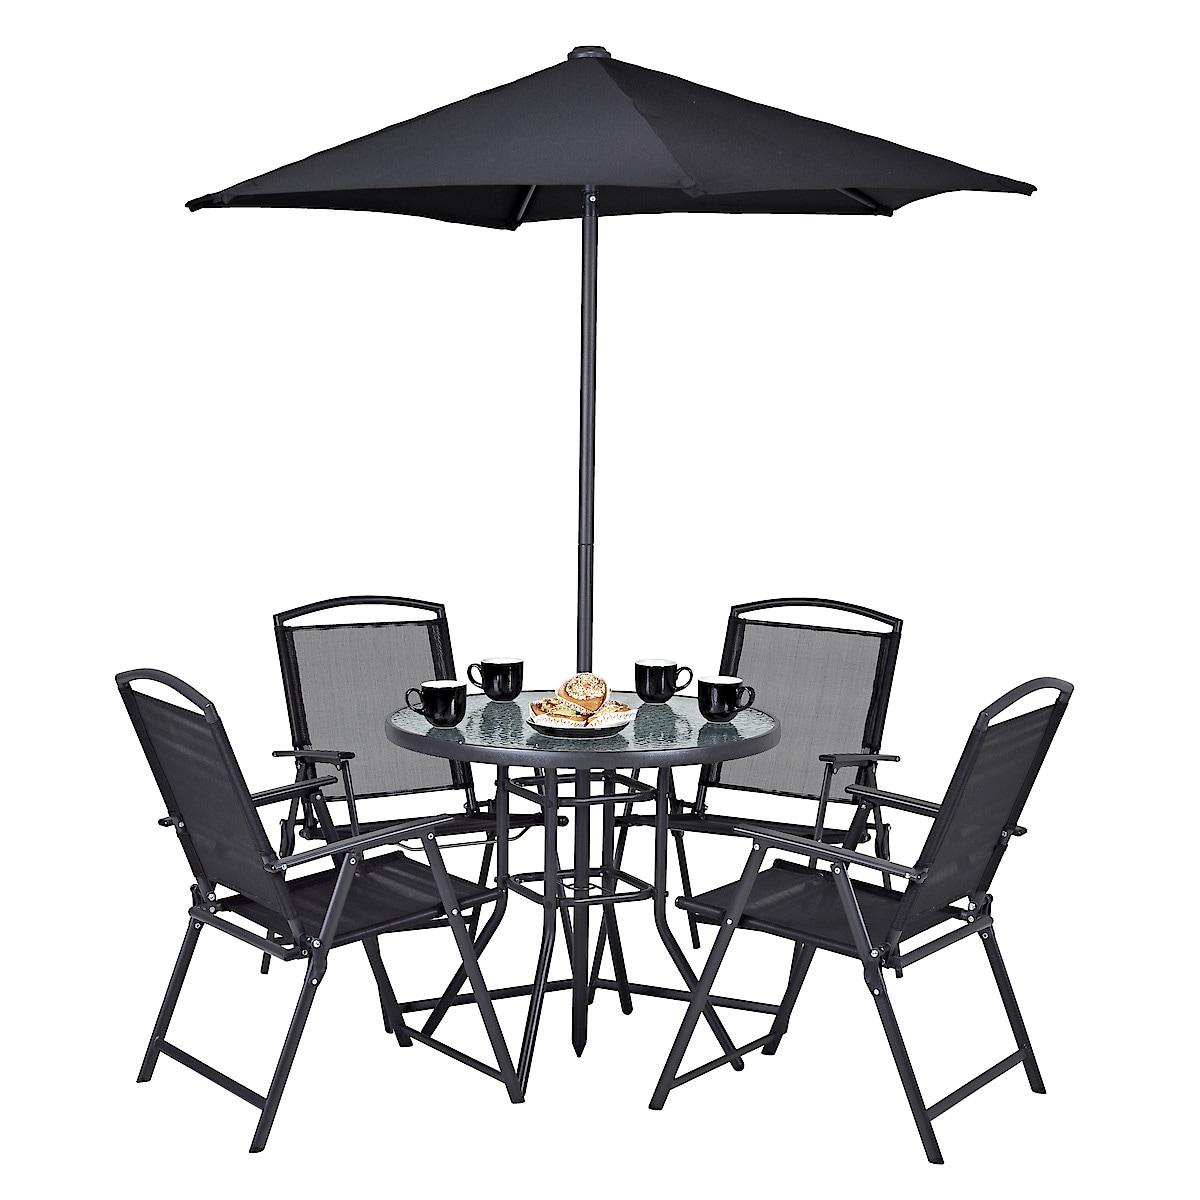 6-Piece Garden Furniture Set